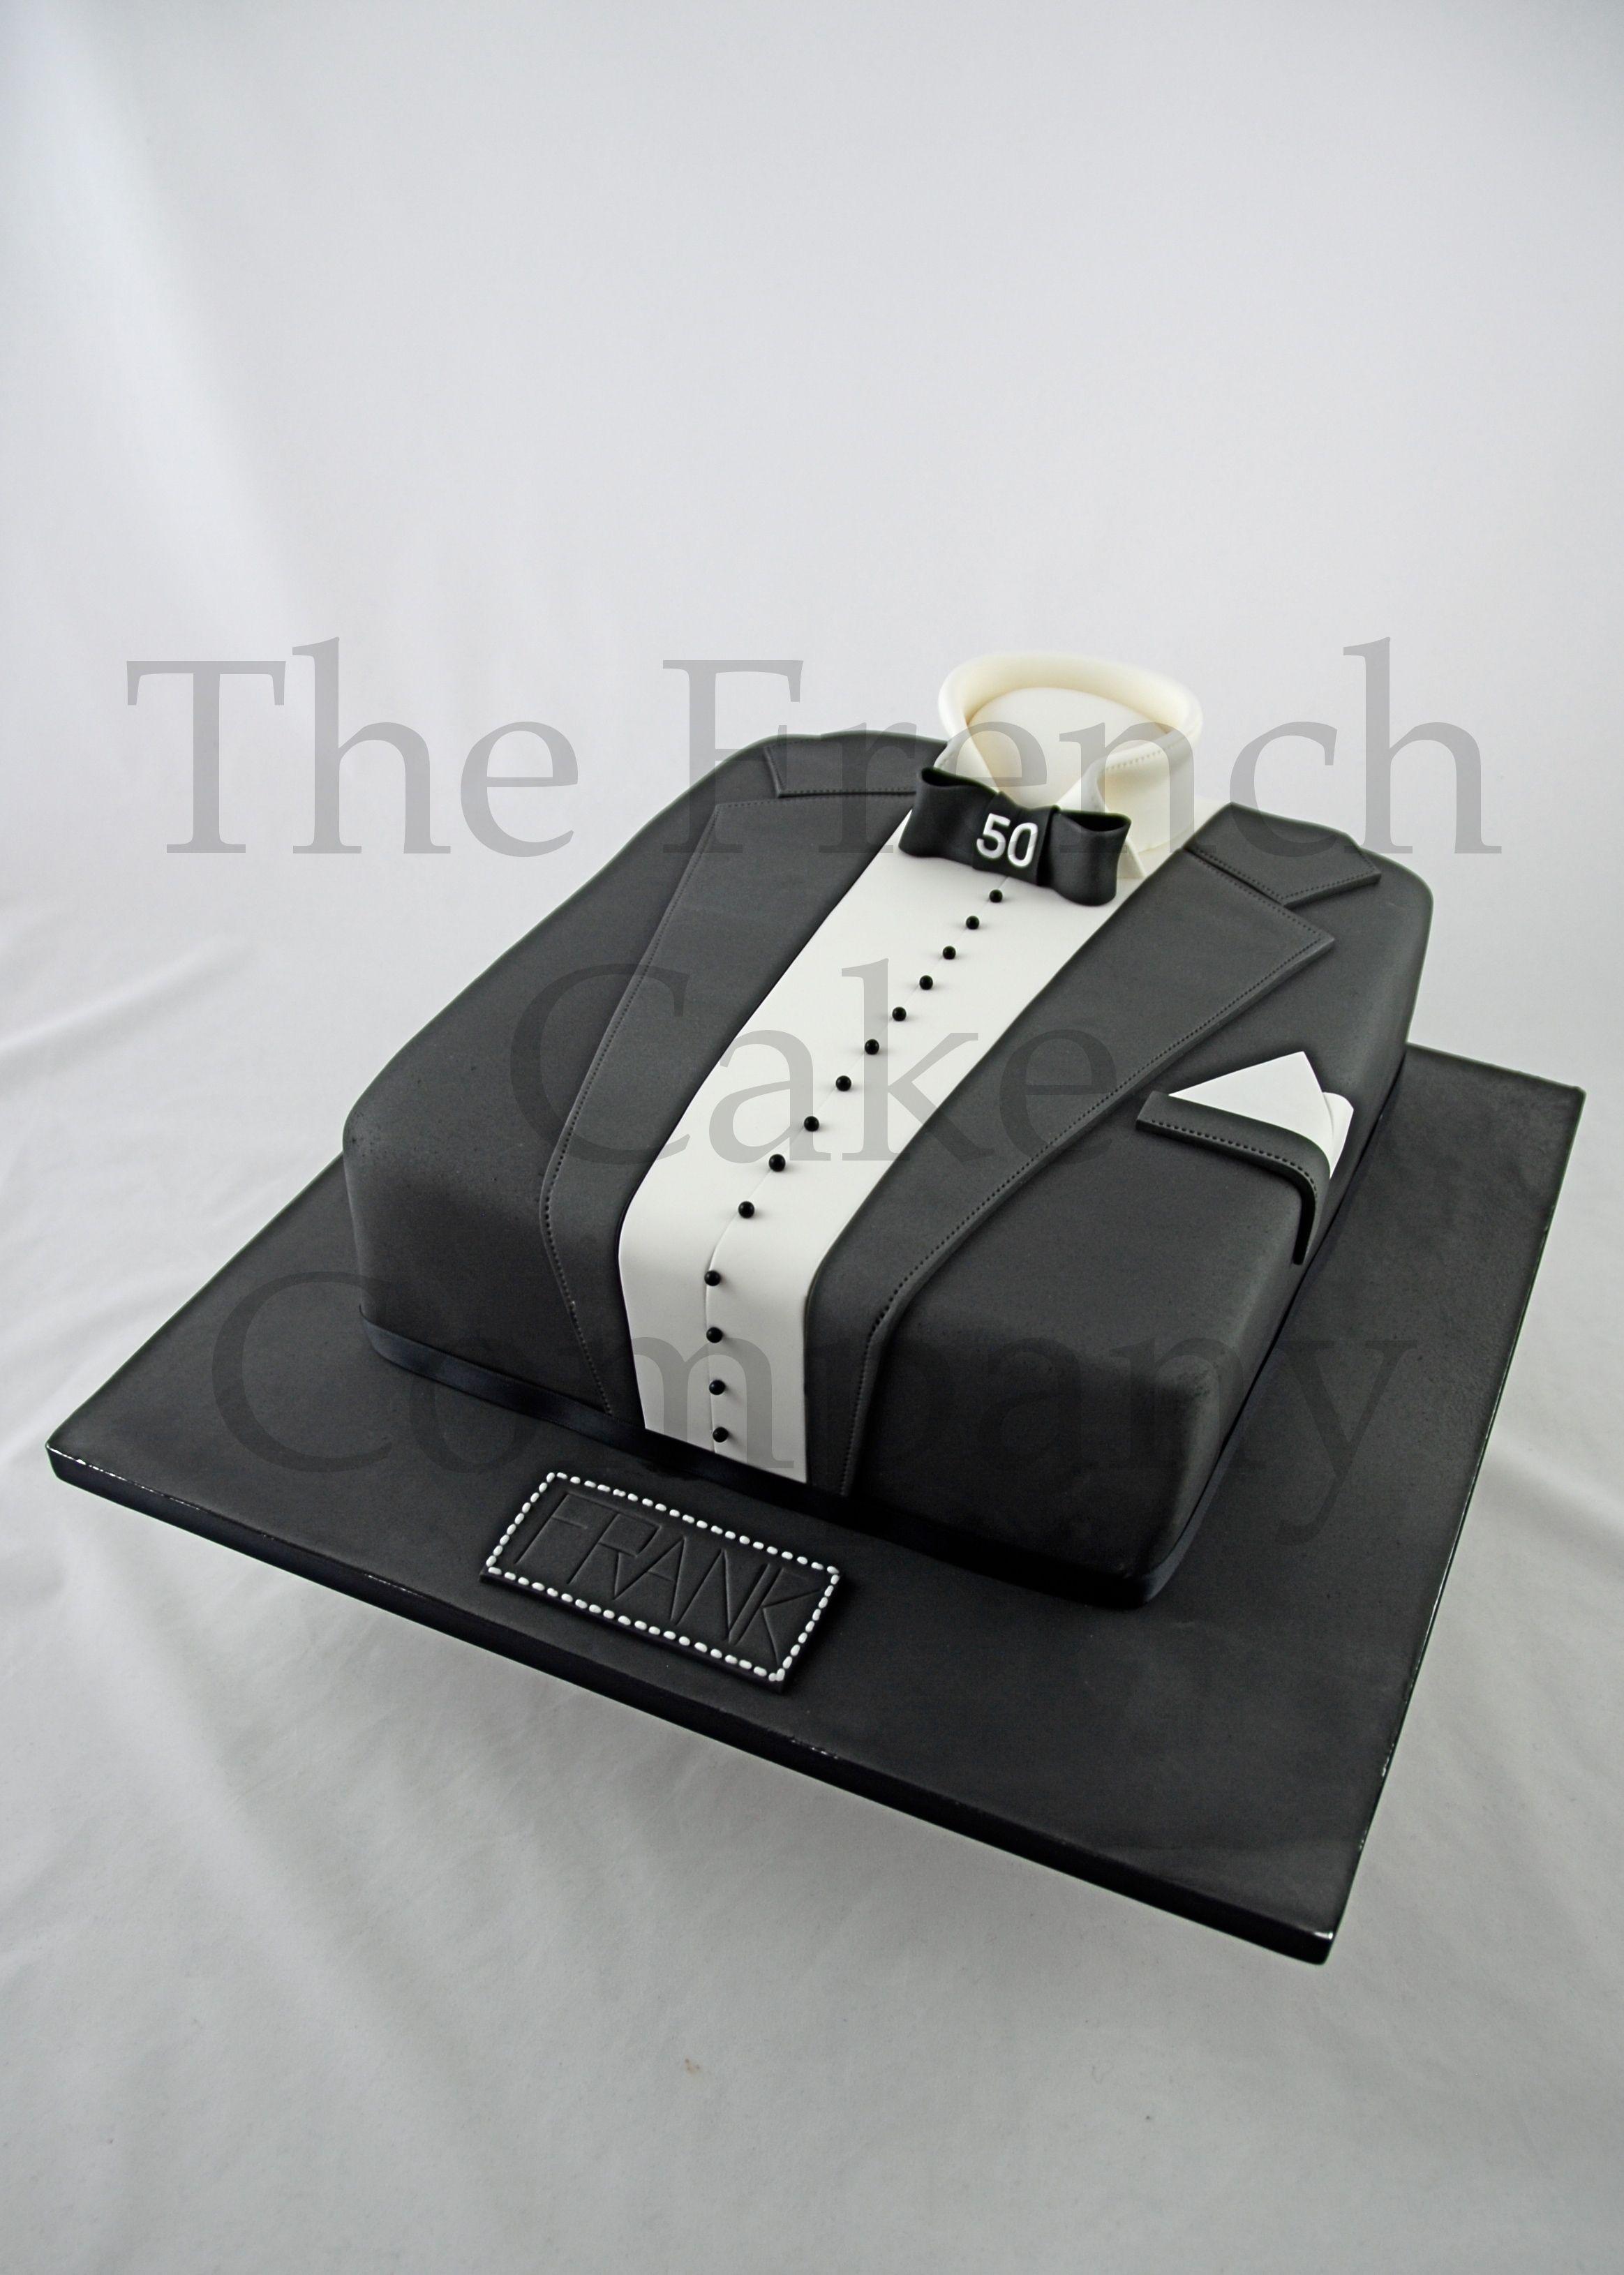 gateau anniversaire pas cher bruxelles les recettes populaires blogue le blog des g teaux. Black Bedroom Furniture Sets. Home Design Ideas